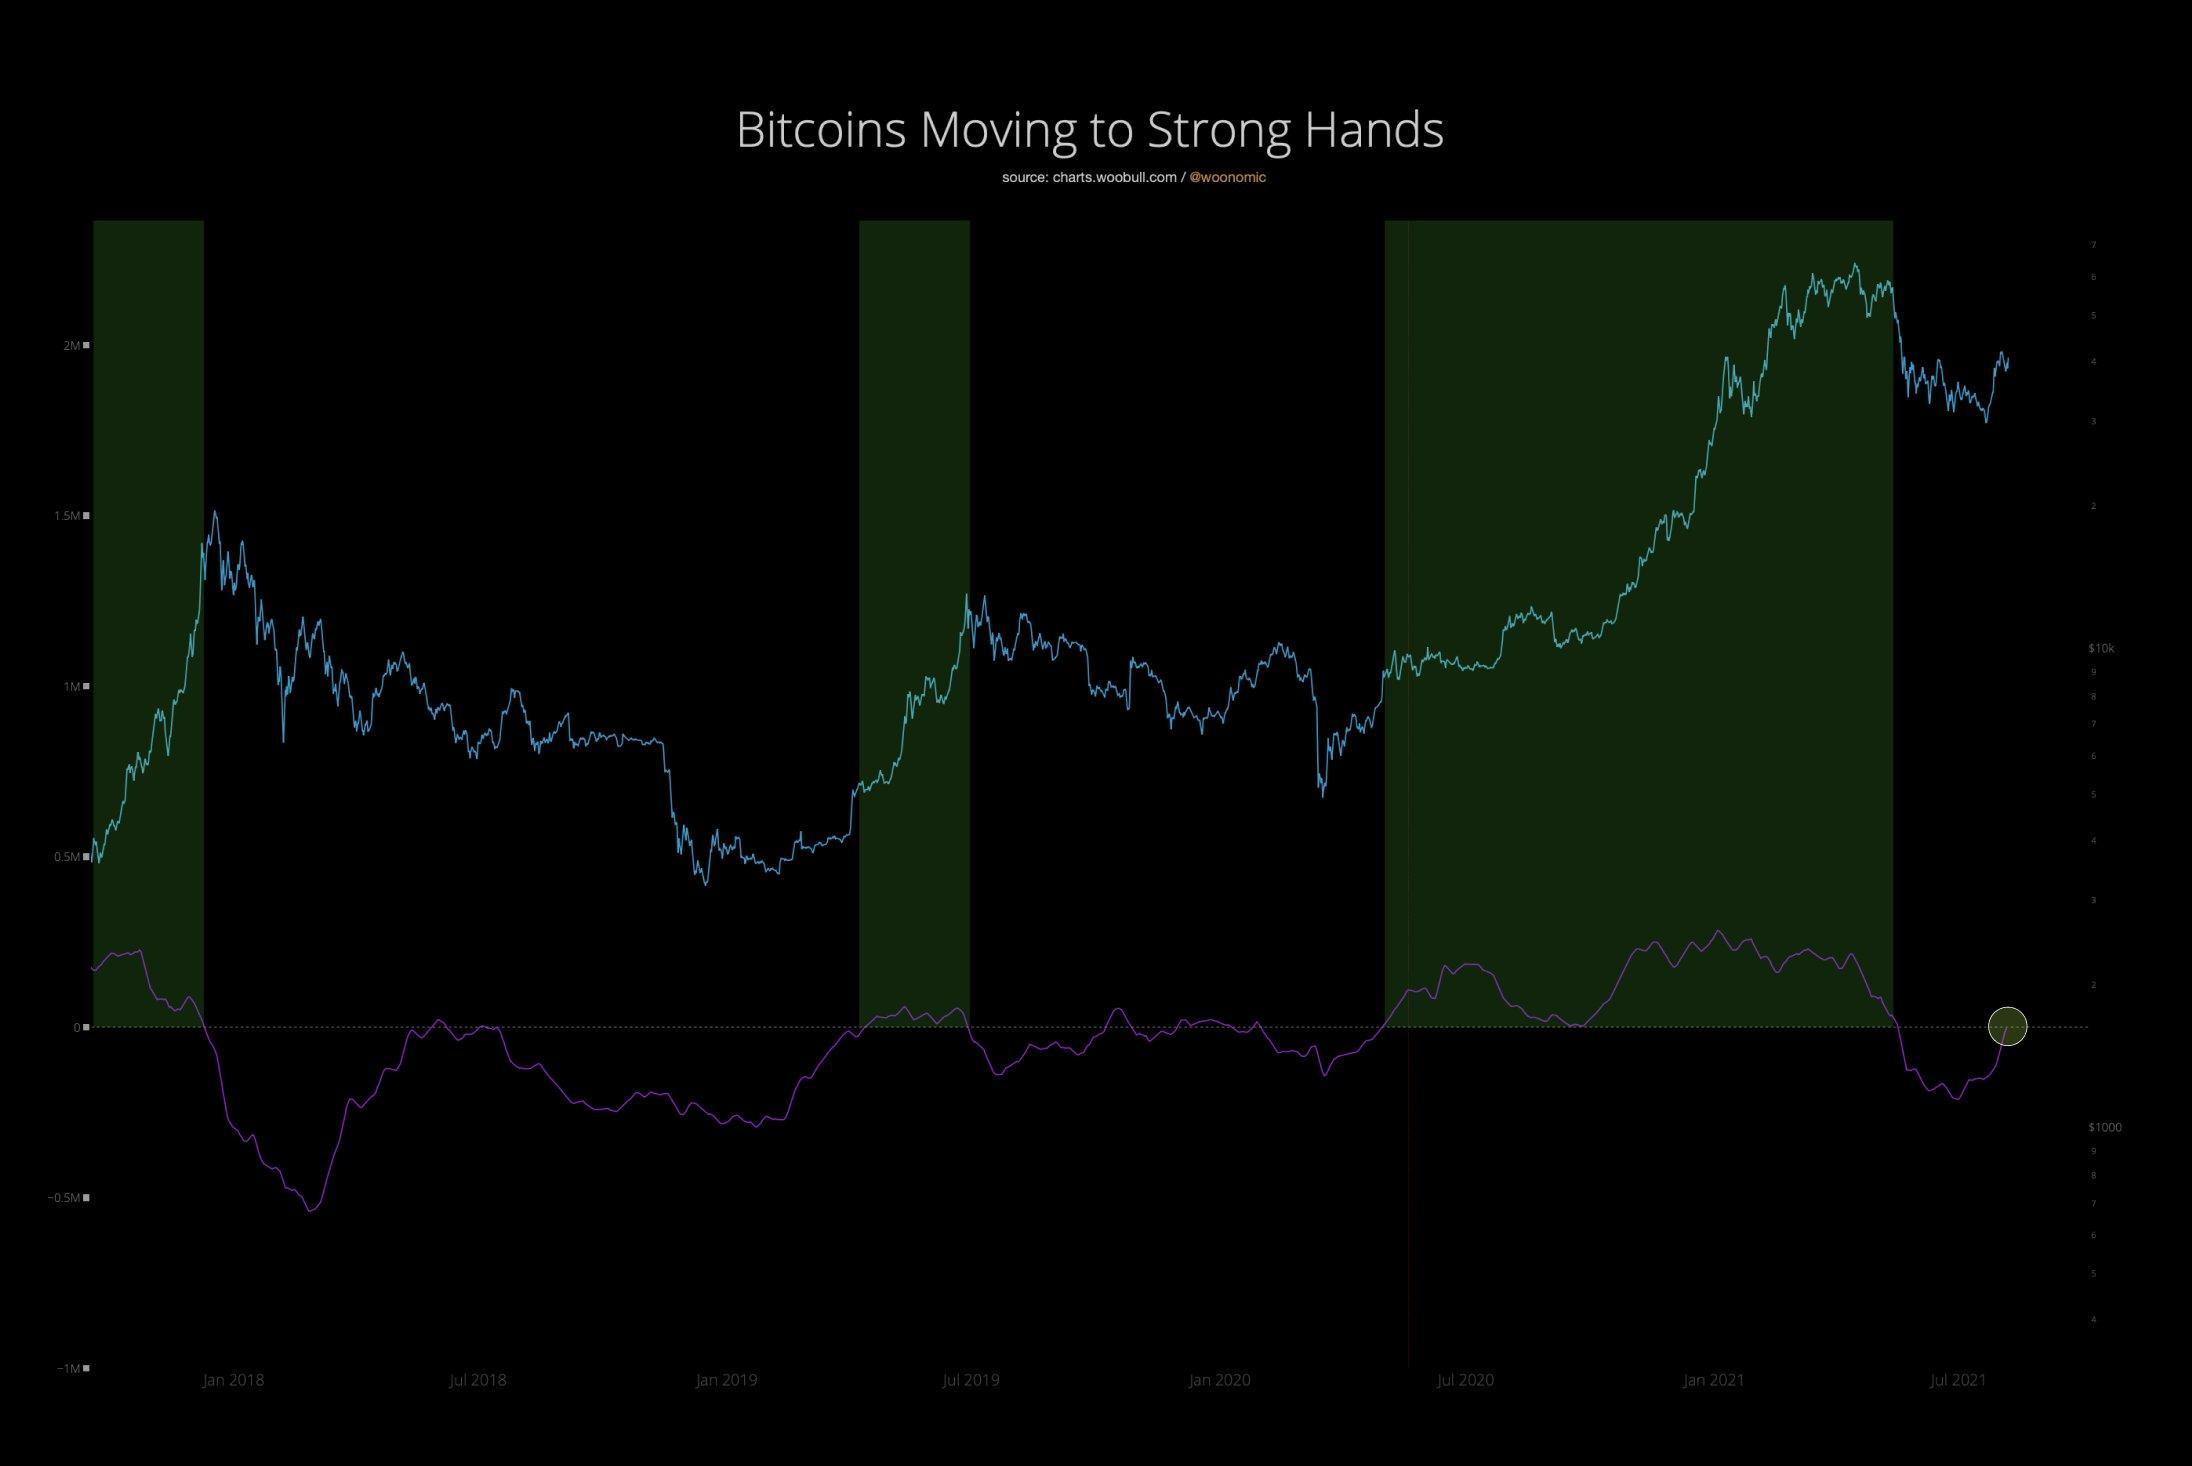 La media mobile a 90 giorni dei Bitcoin trasferiti a Rick Astley sta per diventare rialzista